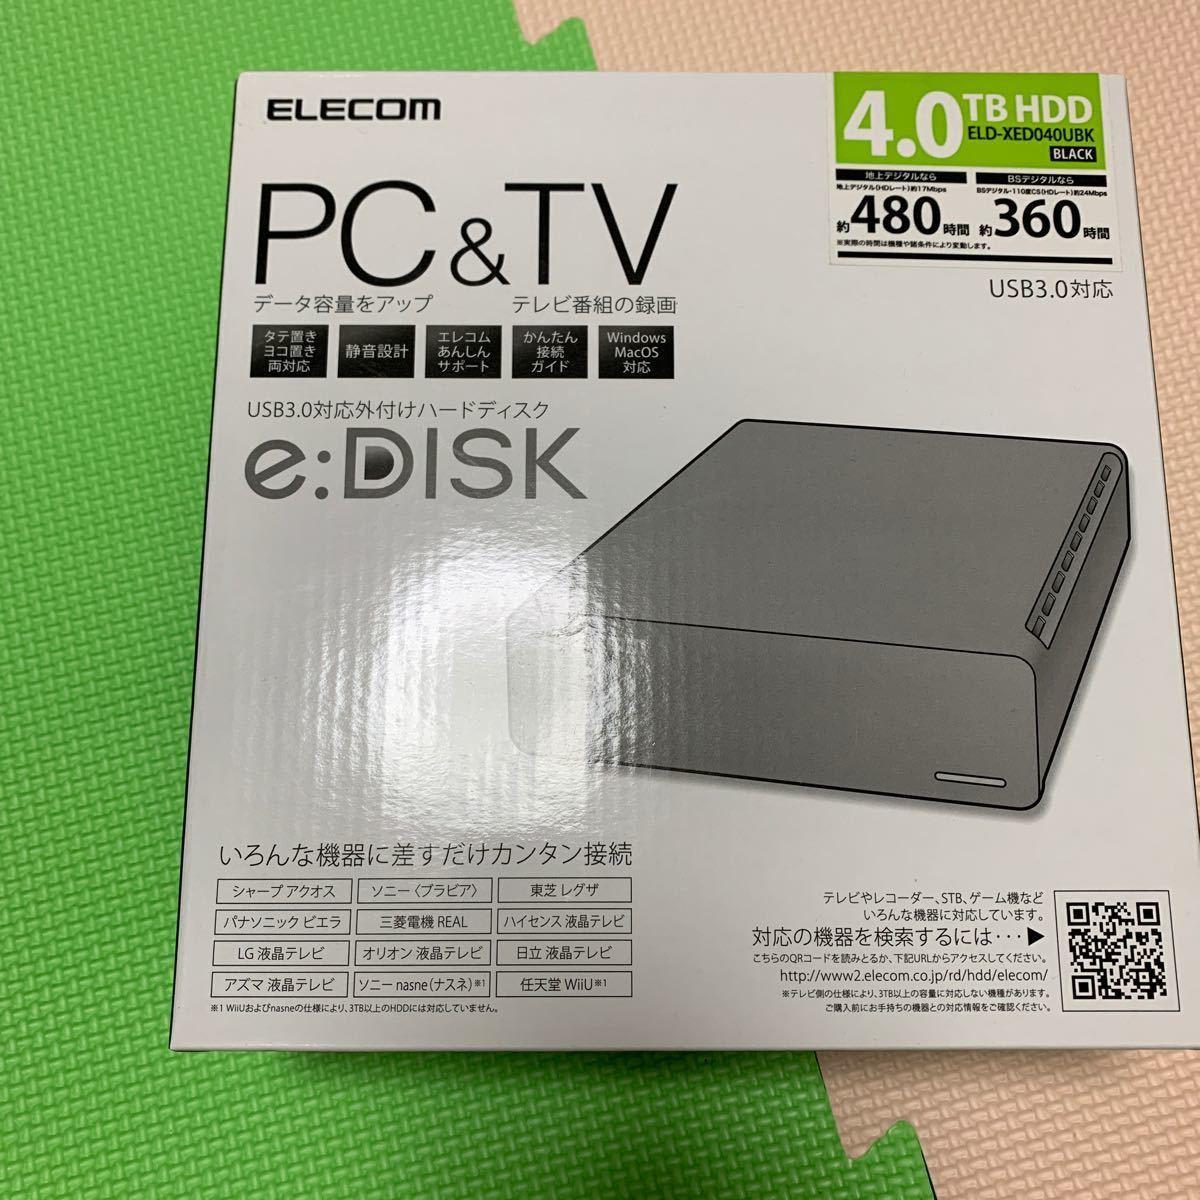 エレコム USB3.0対応 外付けハードディスク 4.0TB ELD-XEDUBKシリーズ ELD-XED040UBK